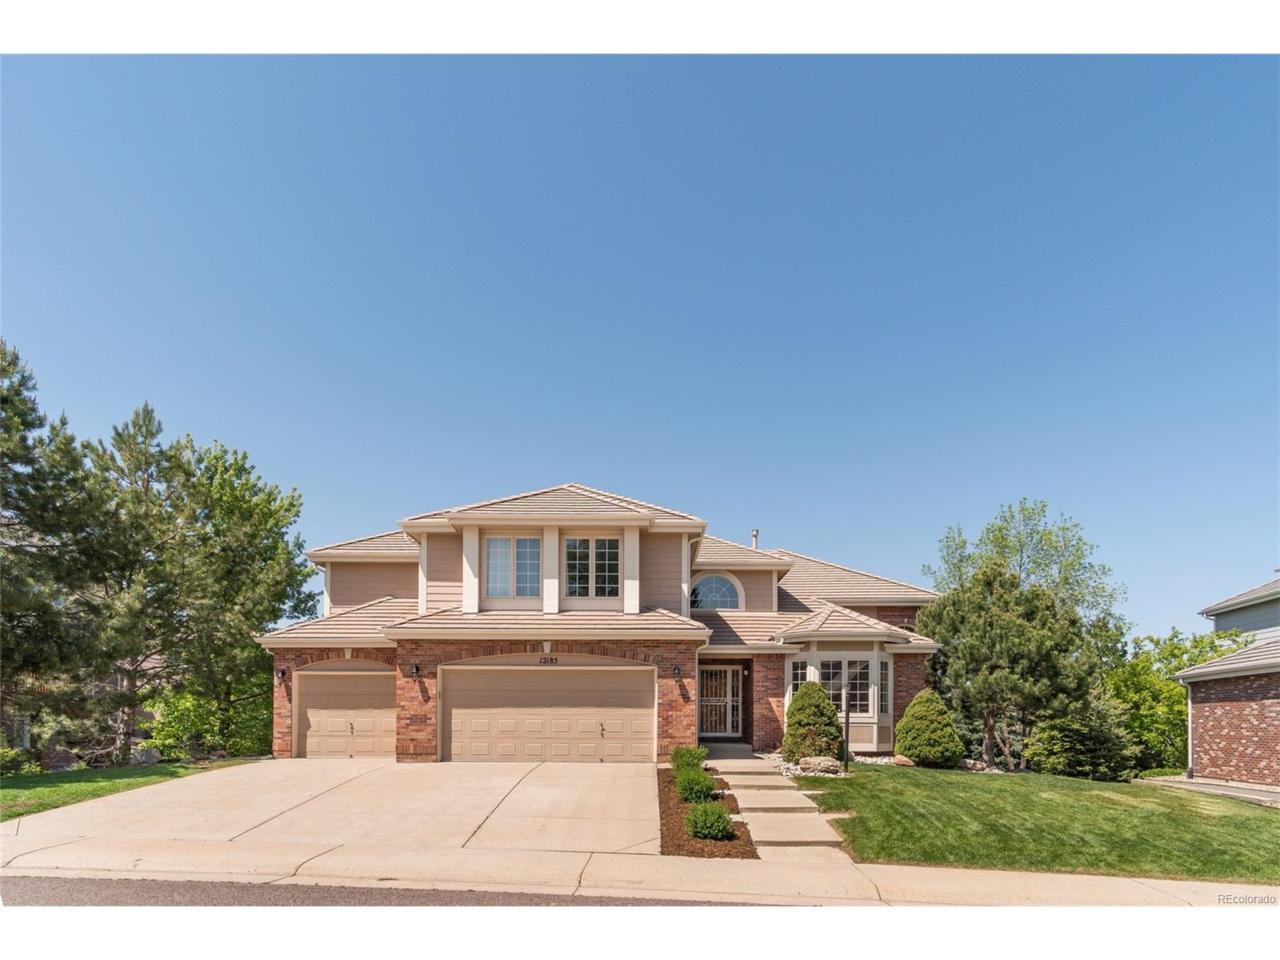 12185 W Auburn Drive, Lakewood, CO 80228 (MLS #4910765) :: 8z Real Estate